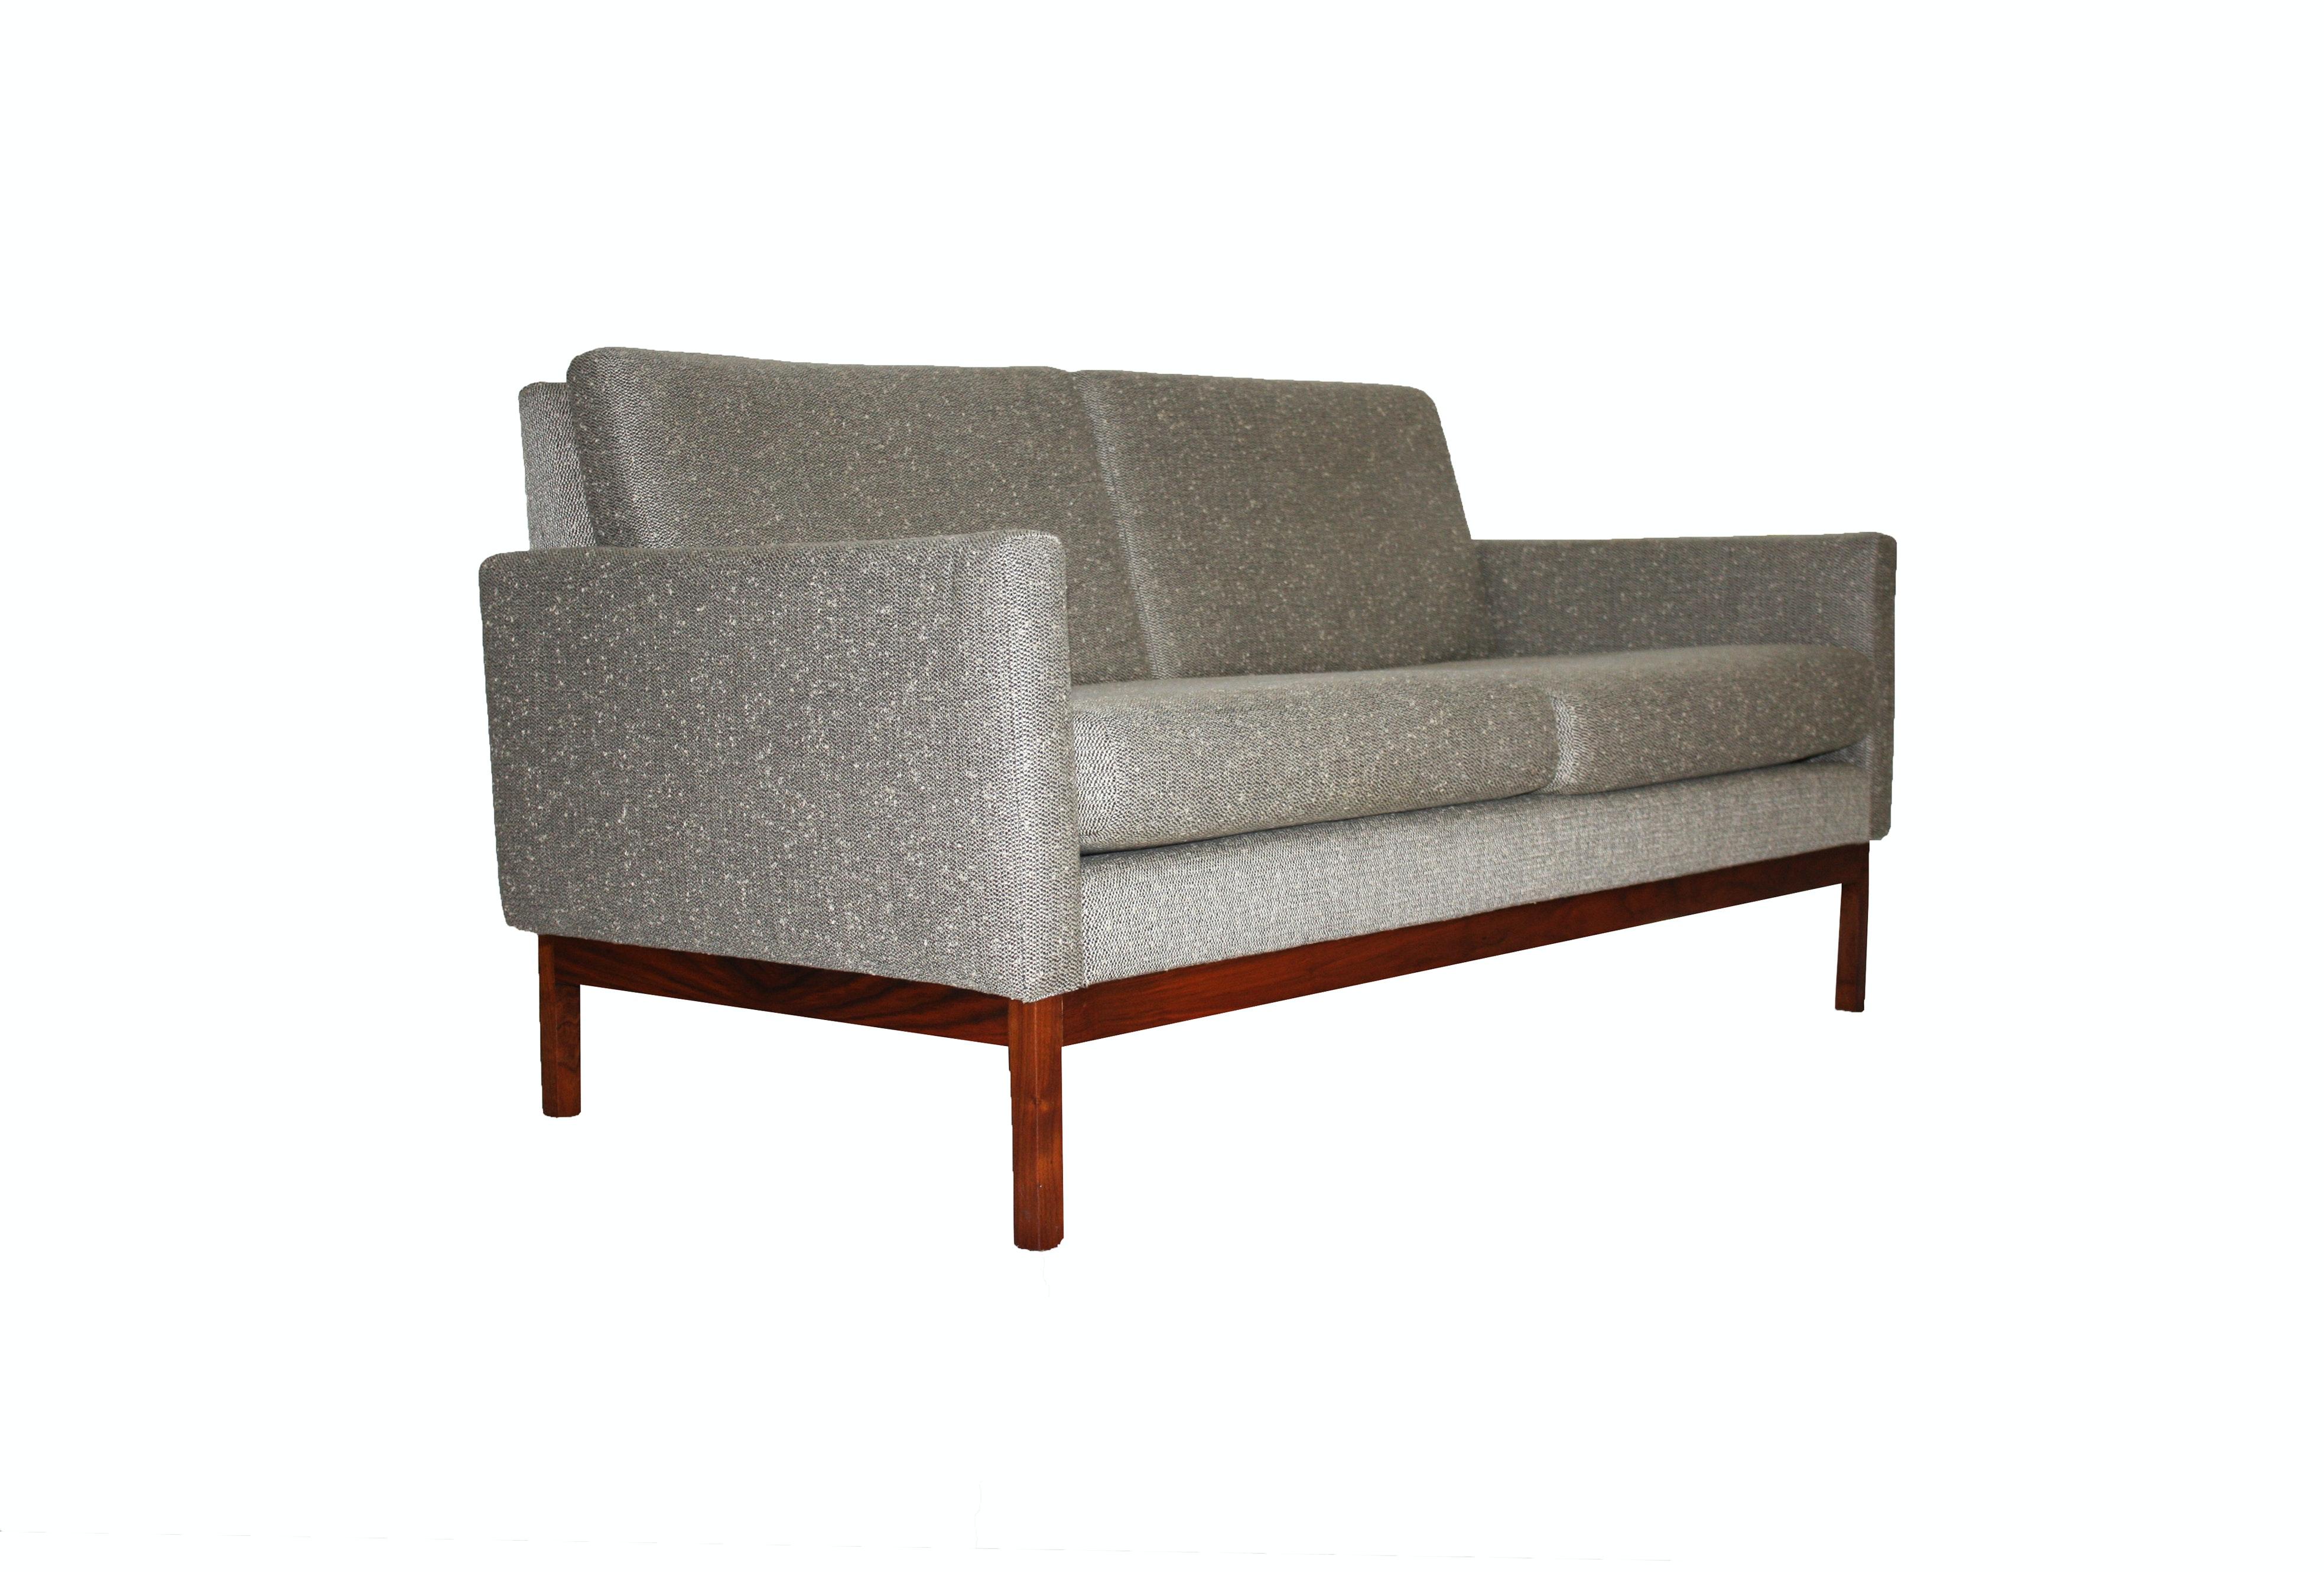 Mid Century Modern Style Love Seat